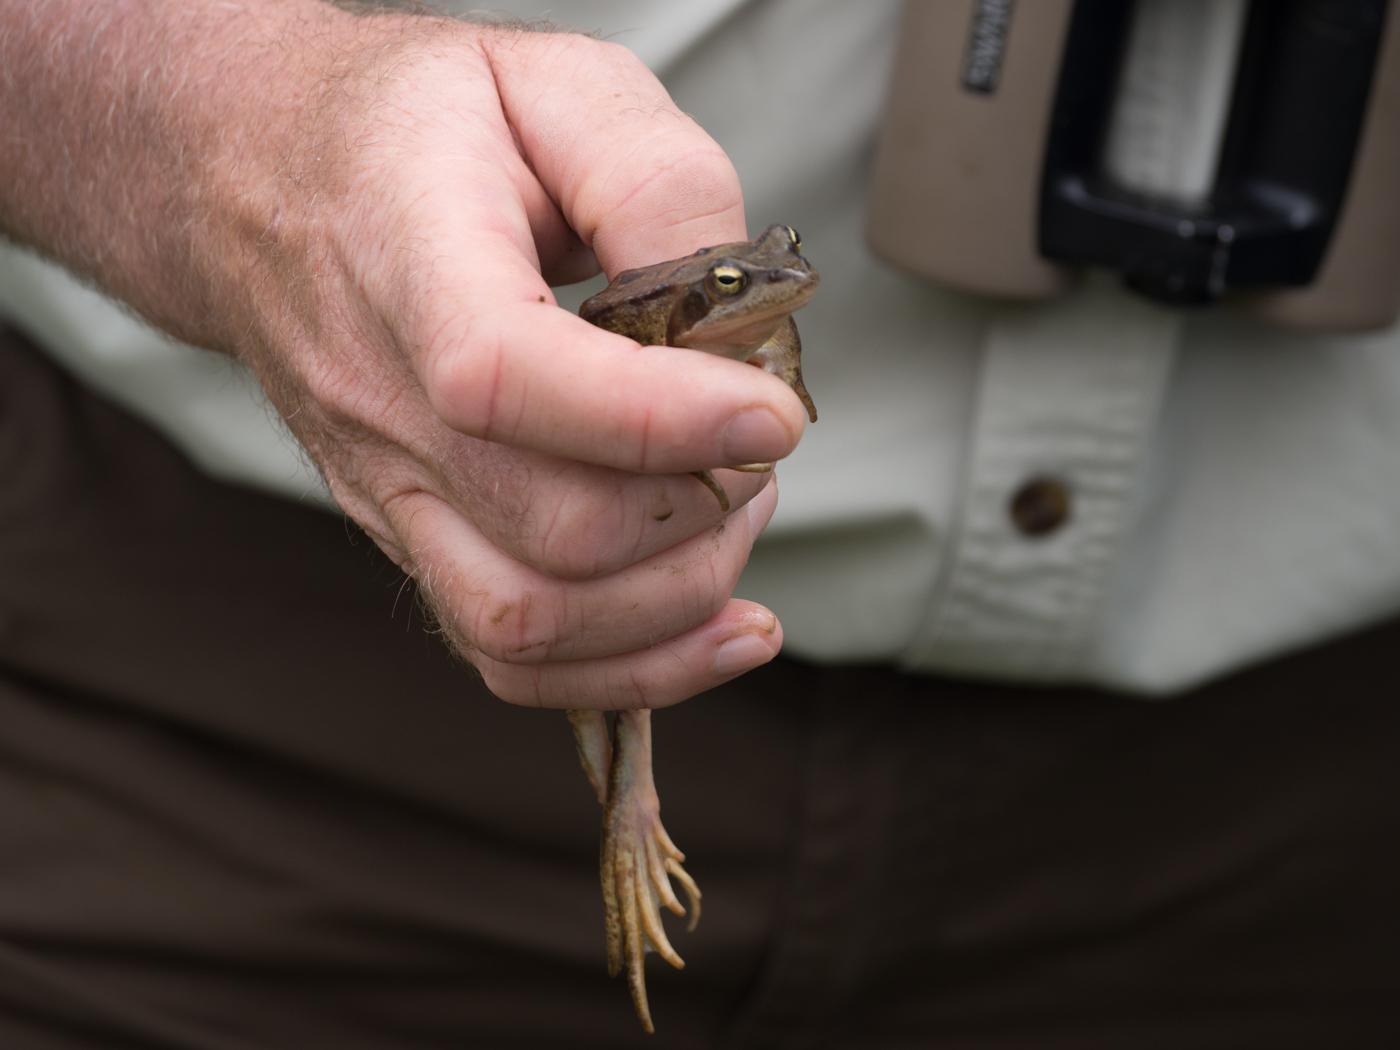 Der Frosch nahm das Fotografieren gelassen.